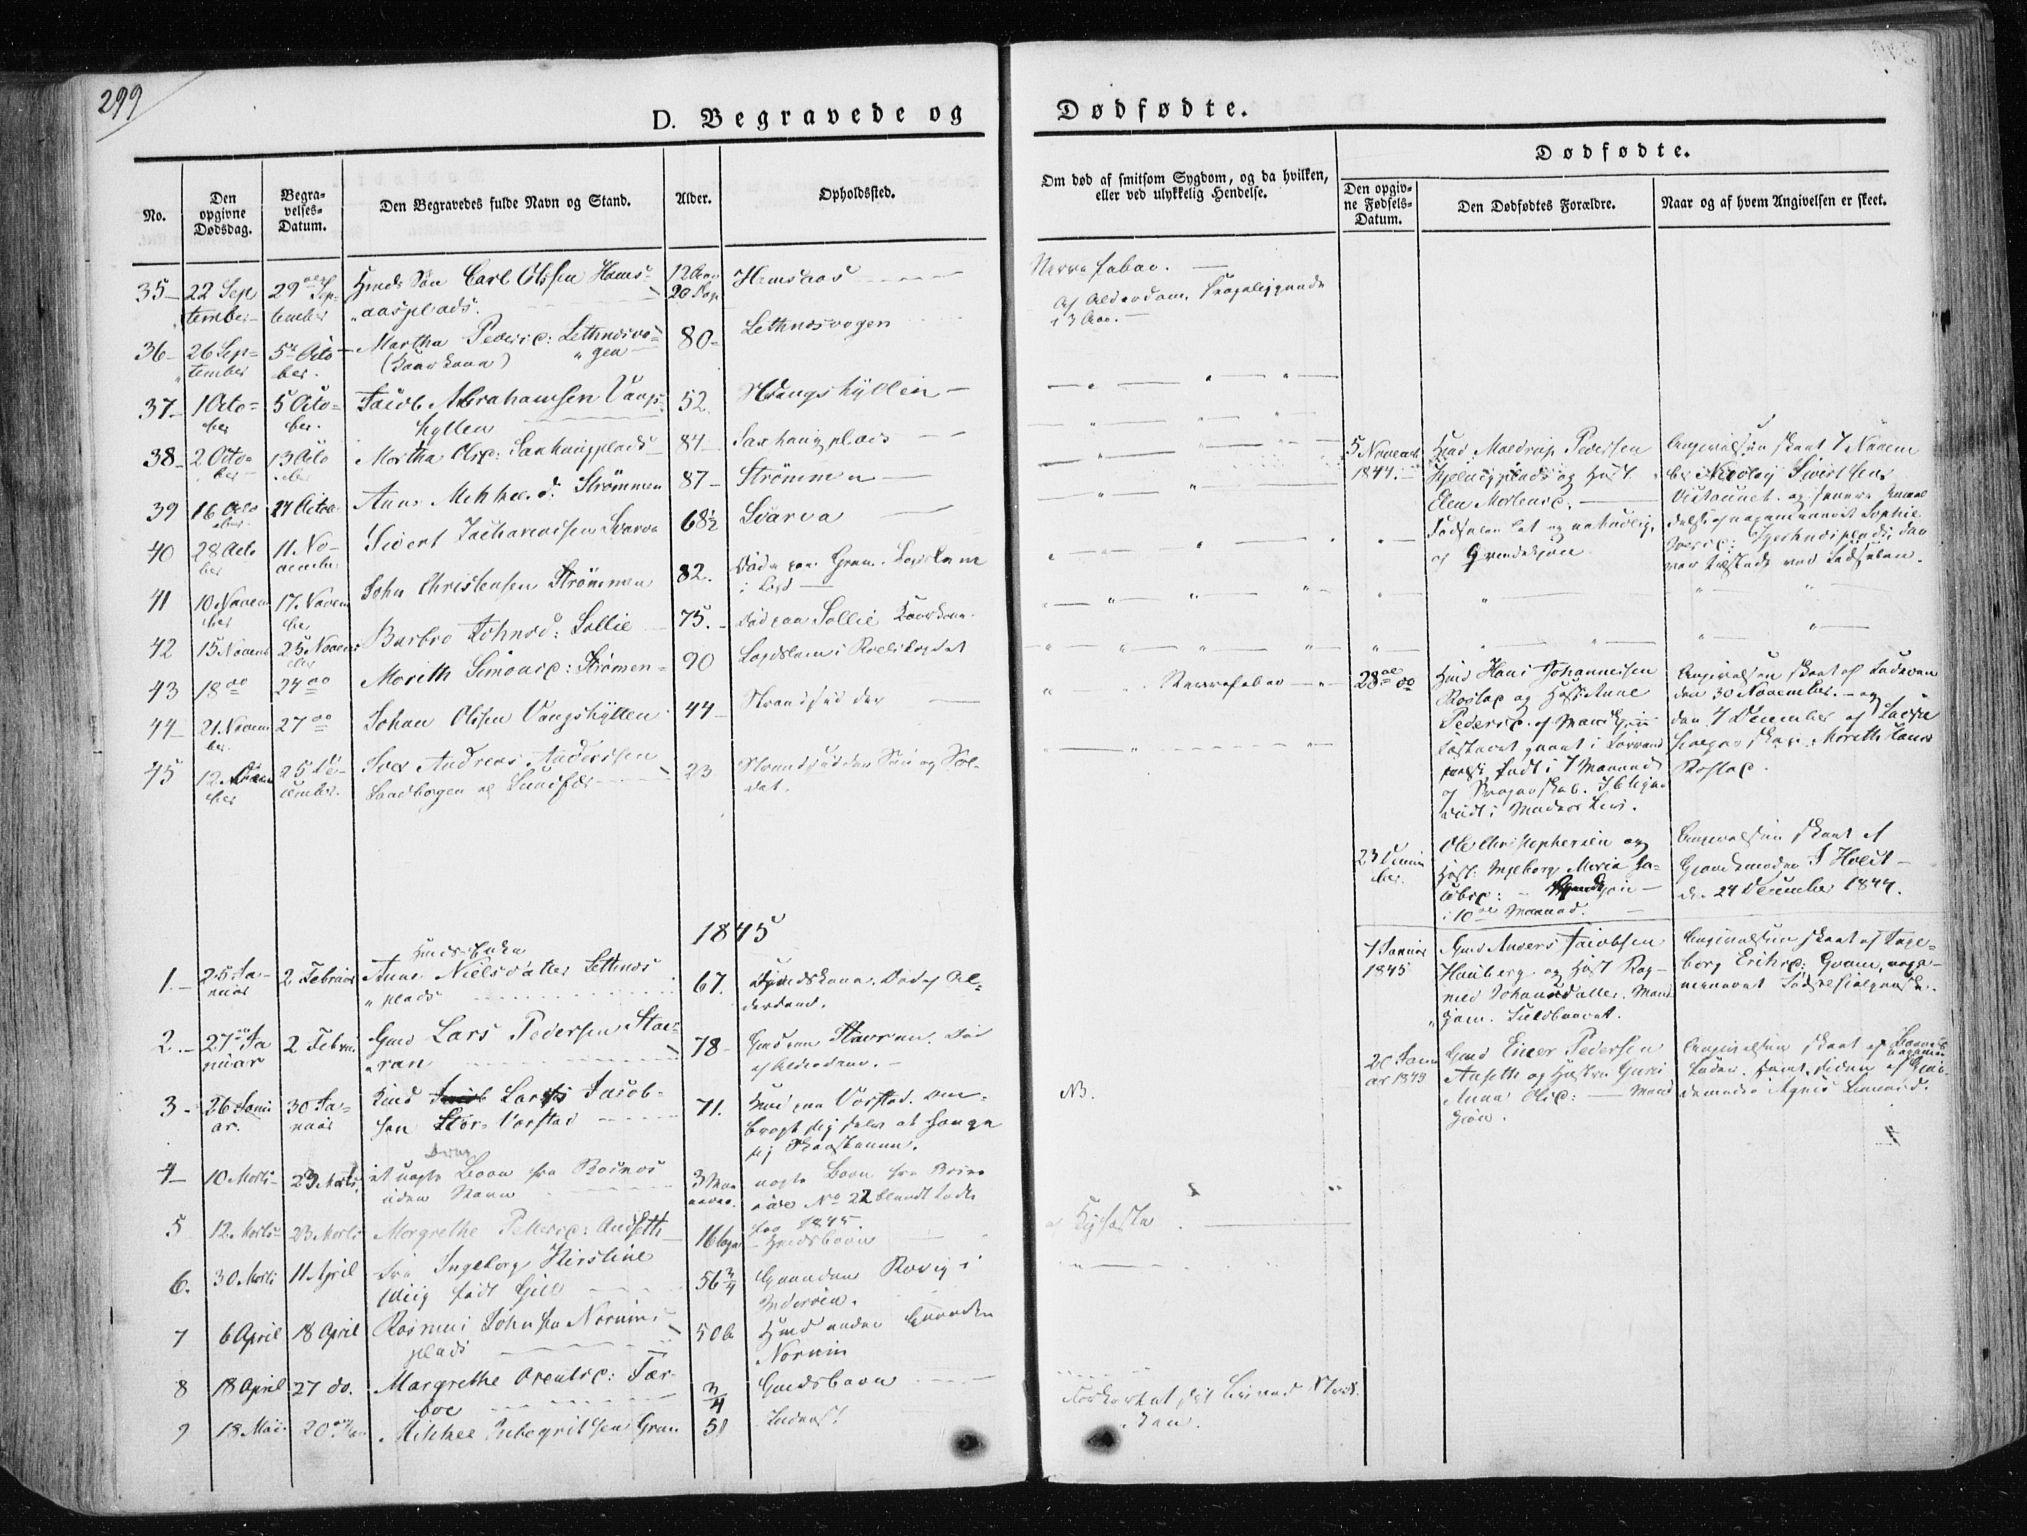 SAT, Ministerialprotokoller, klokkerbøker og fødselsregistre - Nord-Trøndelag, 730/L0280: Ministerialbok nr. 730A07 /1, 1840-1854, s. 299